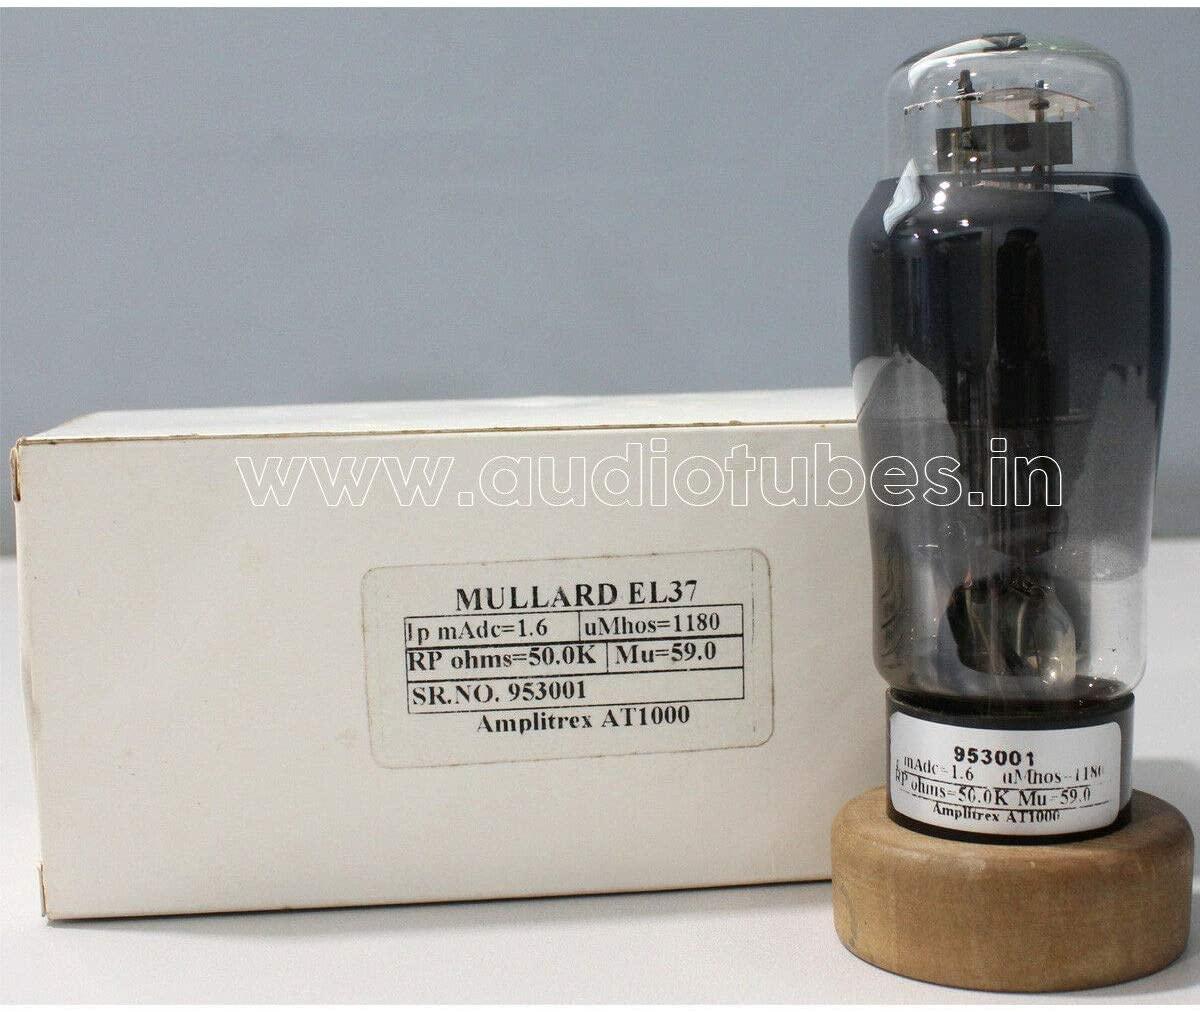 EL37-MULLARD British Made, Tested on Amplitrex Tube Tester -SR.953001